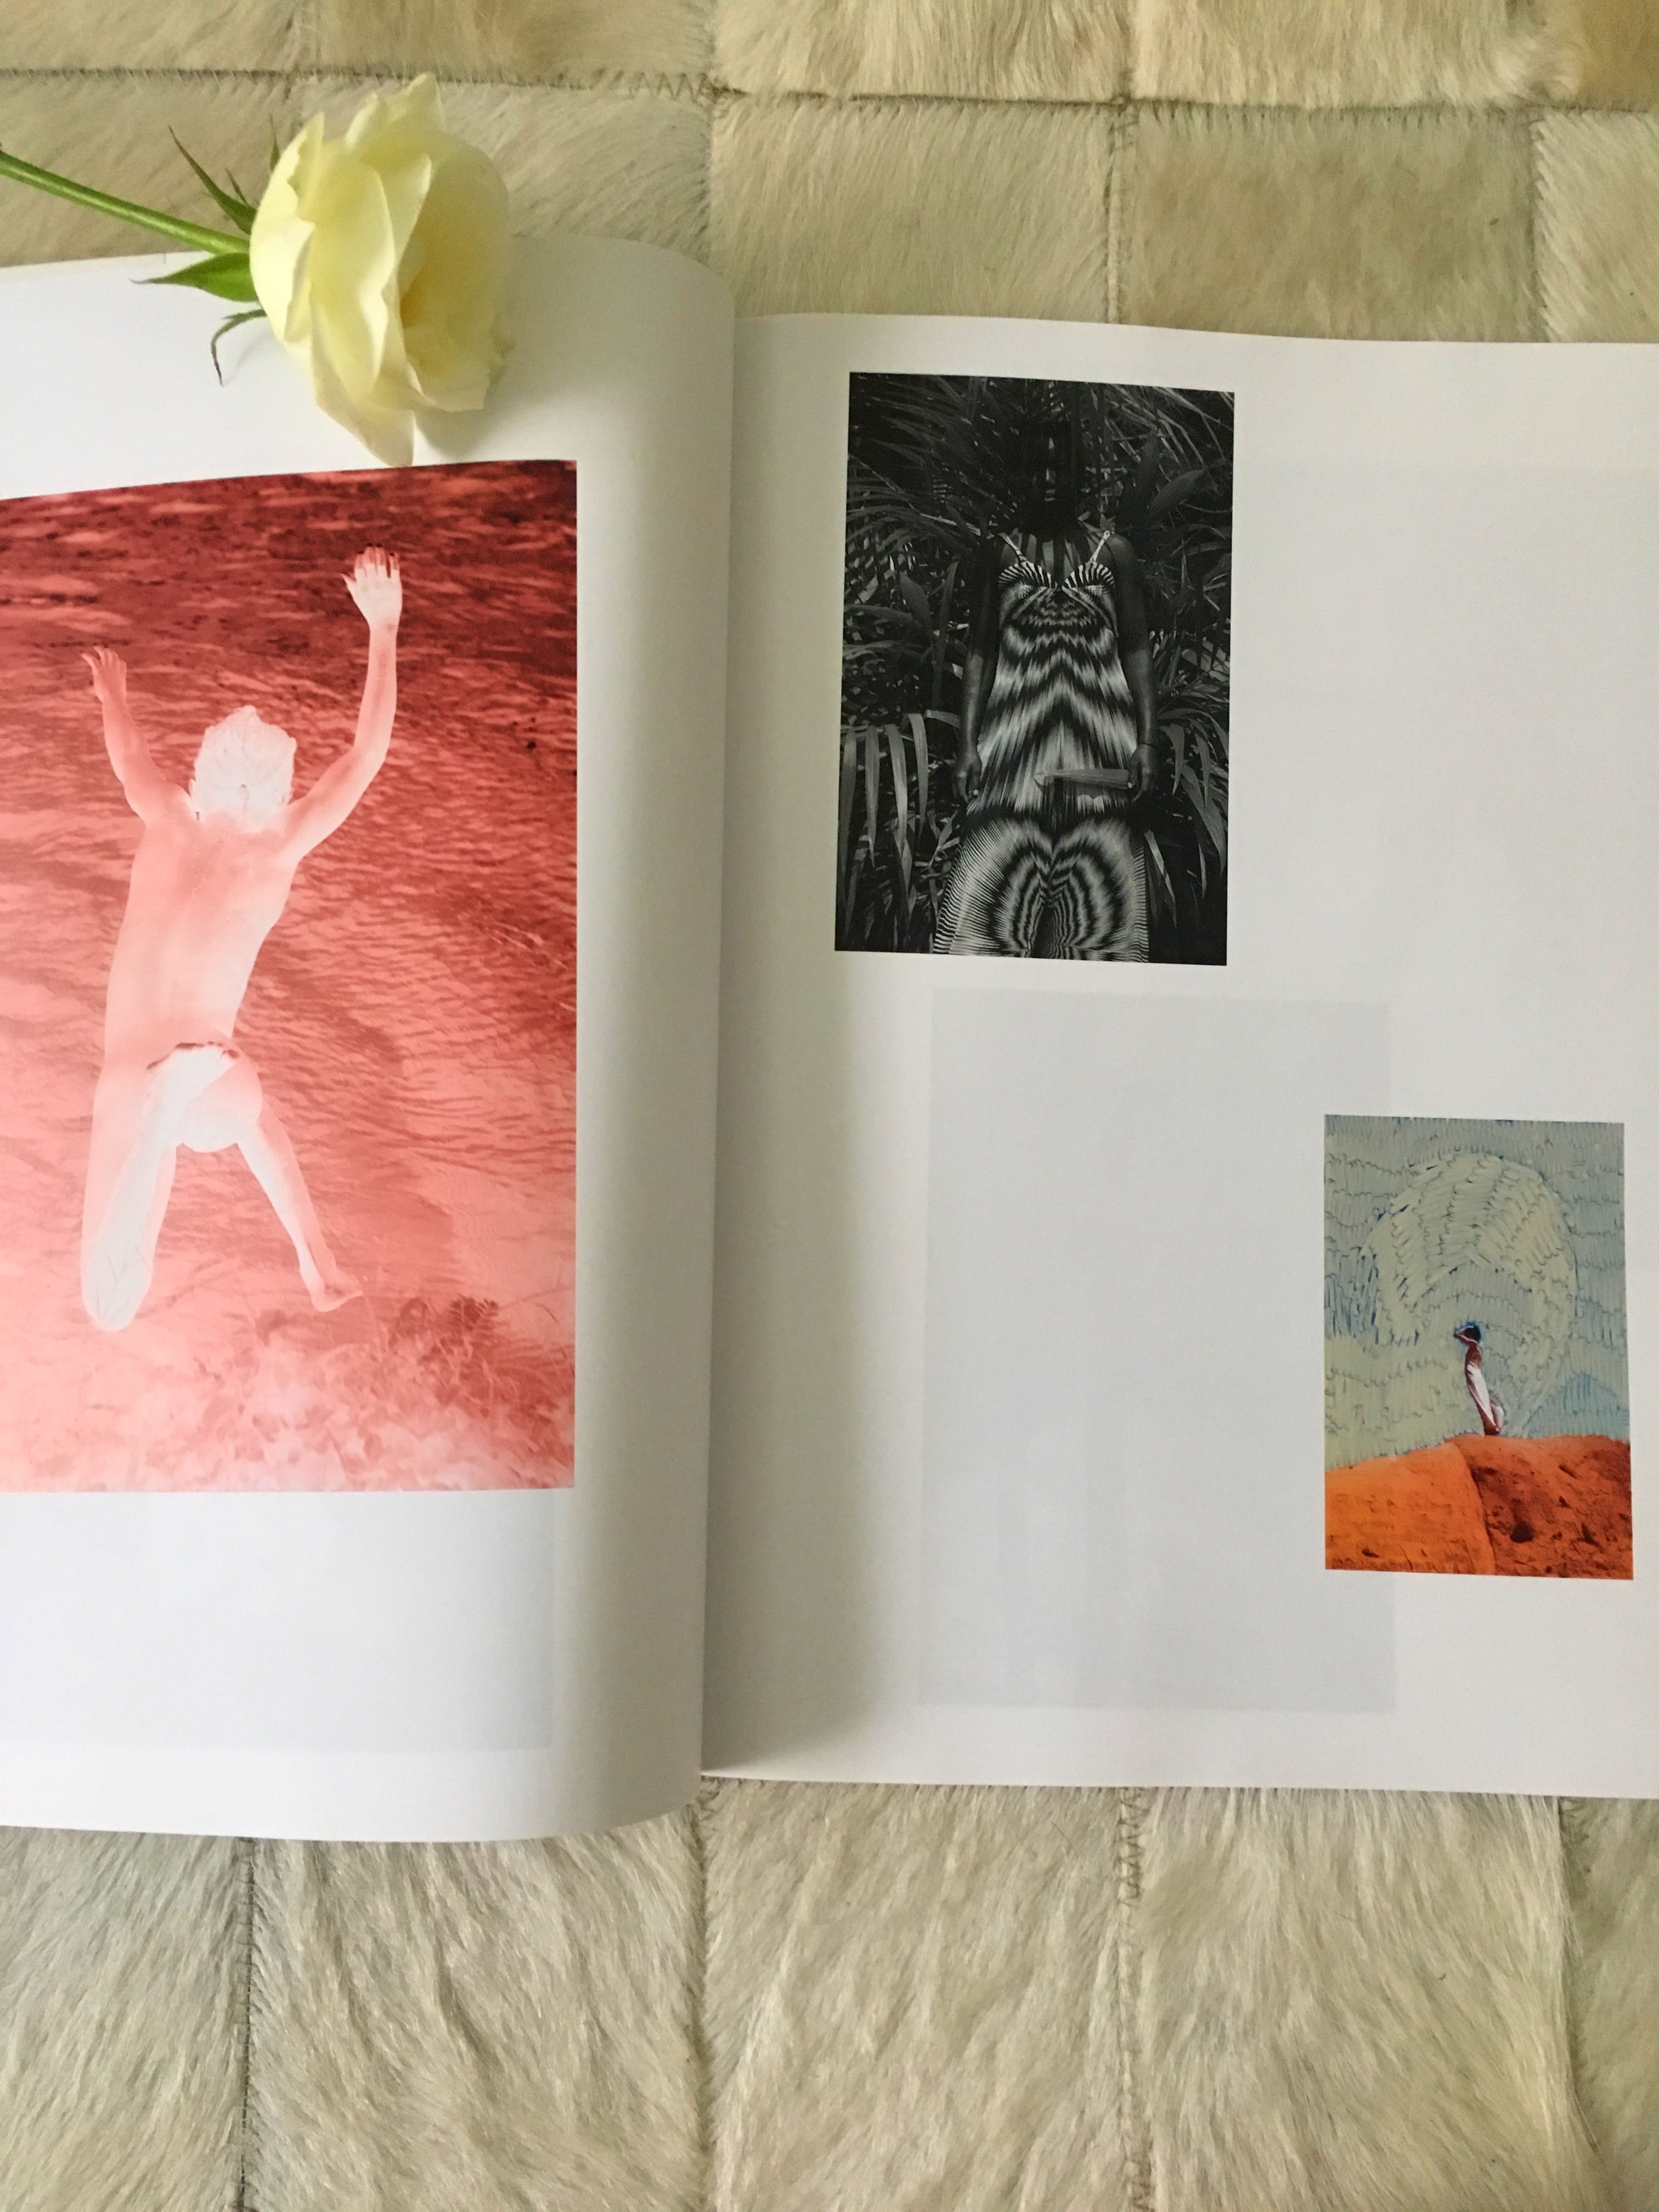 Hot Mirror von Viviane Sassen verbindet Fotokunst mit Gedichten.Sie ist eine der meistgefragten Fotokünstlerinnen ihrer Generation, die ich hier näher zeige